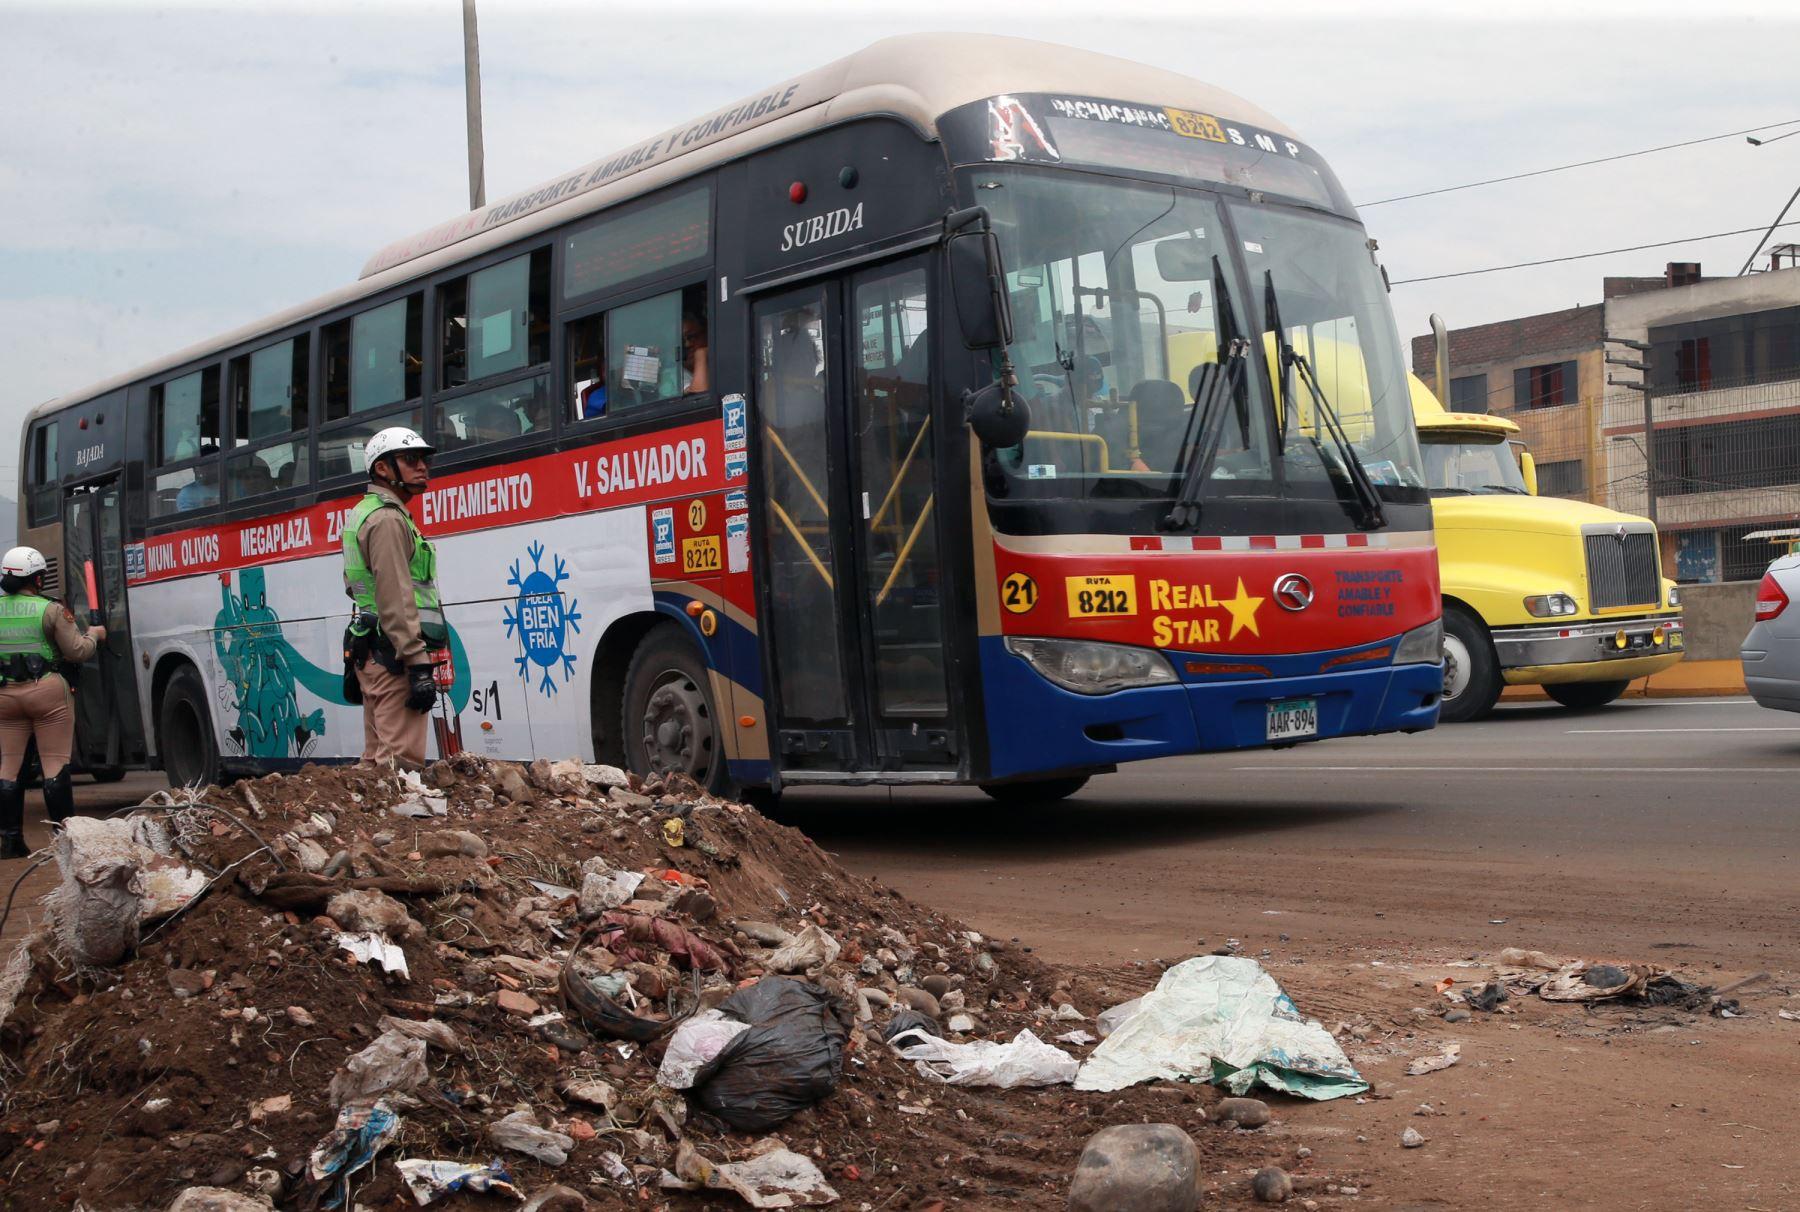 La concesionaria arrojó tierra sobre la pista para contener los accidentes de tránsito. Foto: ANDINA/Norman Córdova